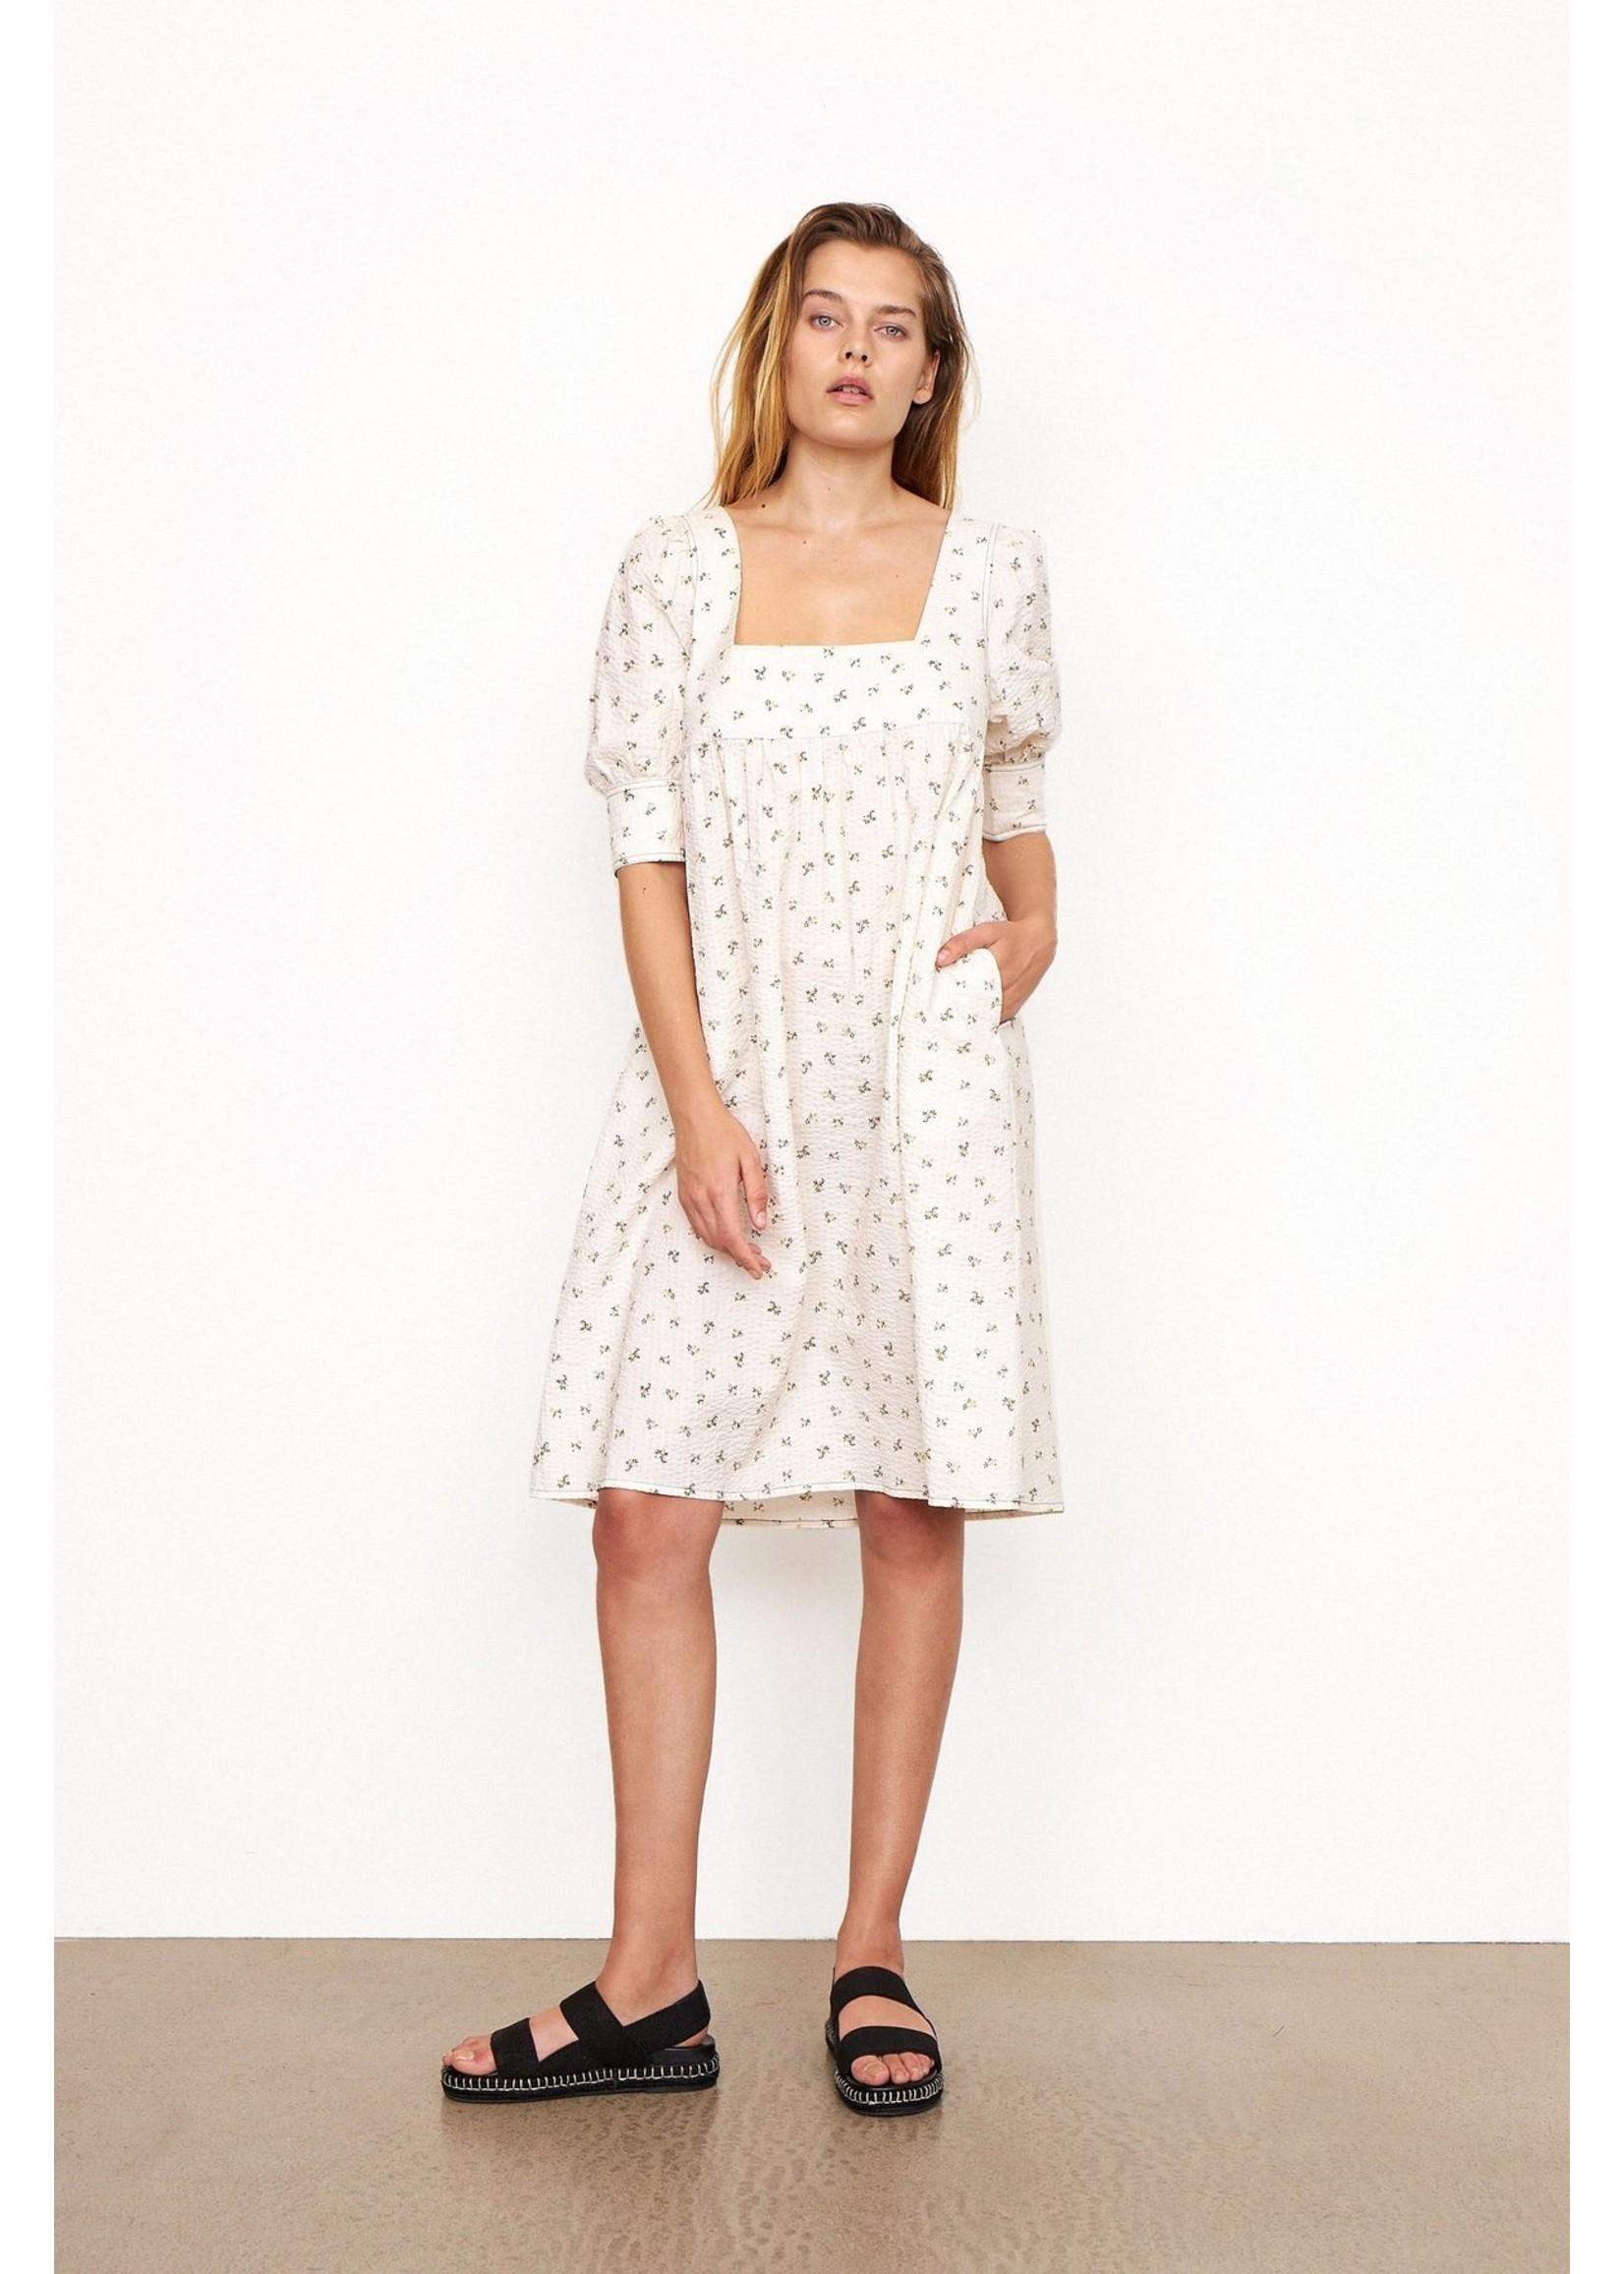 SEERSUCKER SHORT DRESS